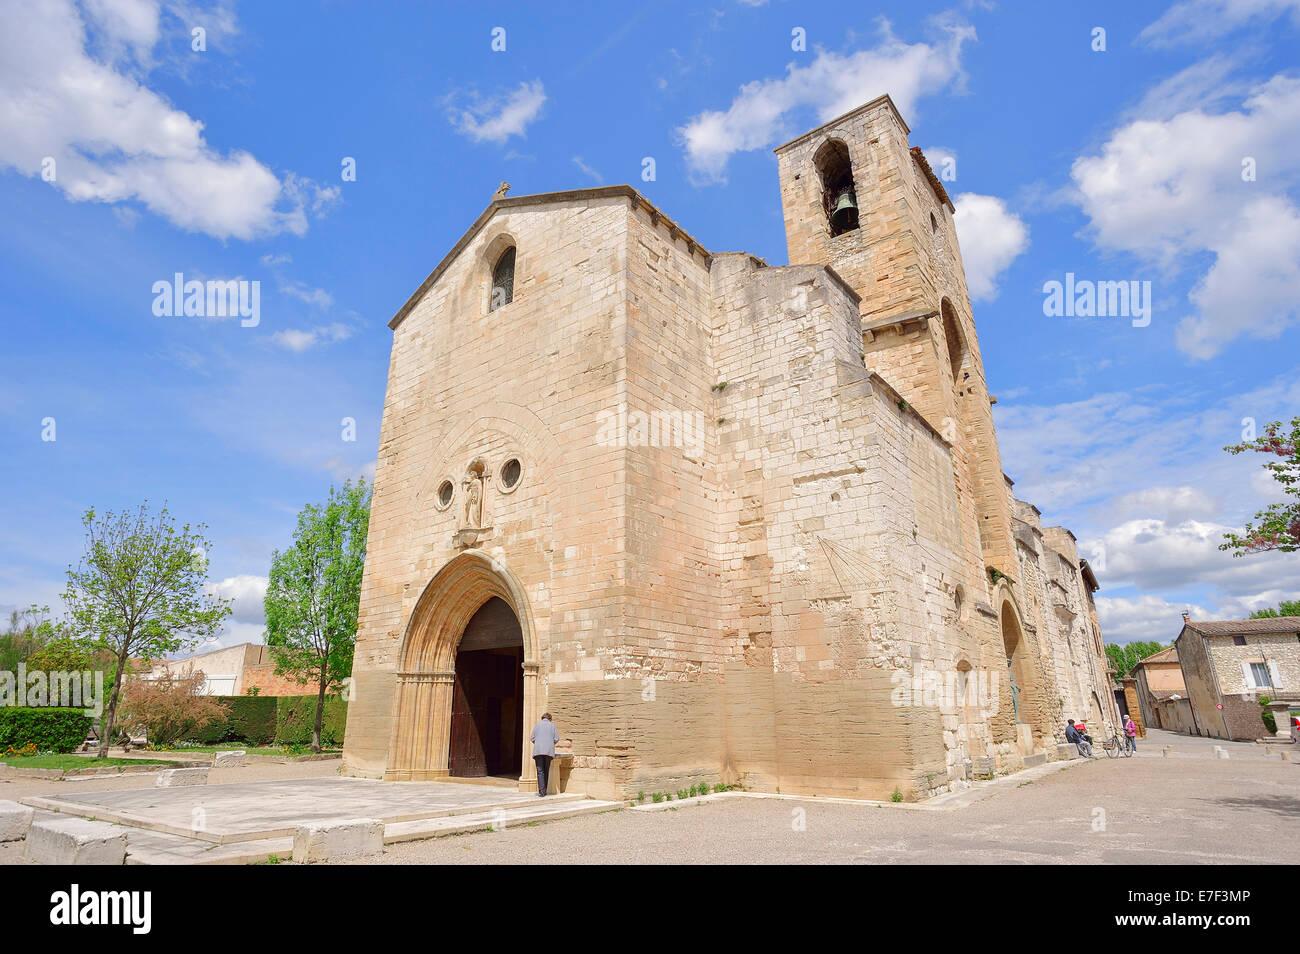 Eglise De Notre Dame De Nazareth Pernes Les Fontaines Vaucluse